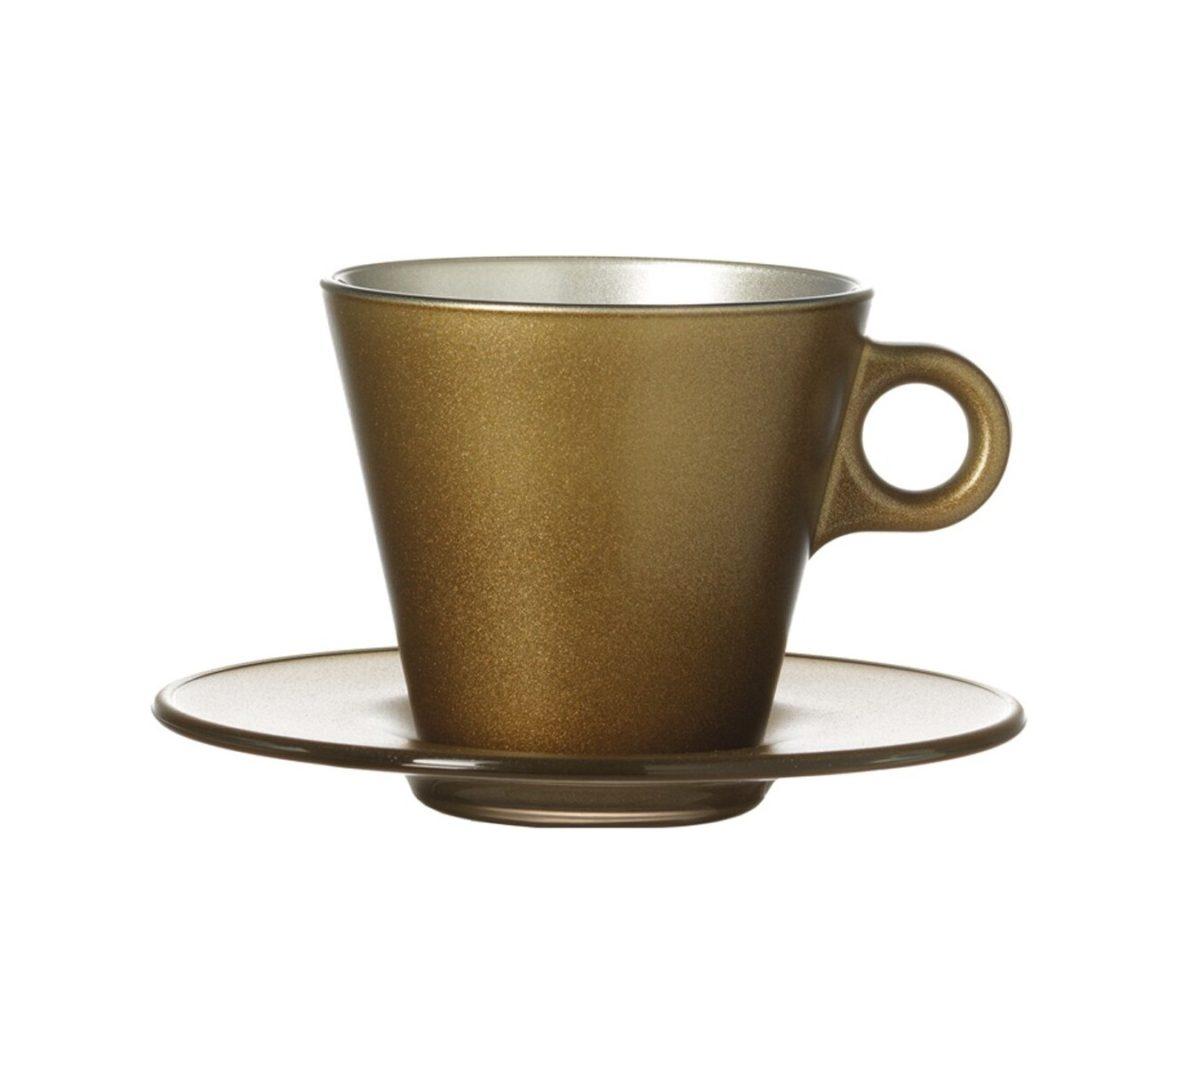 063876 0 k 1200x1072 - Set pentru cafea Ooh Magico gold (L063876)